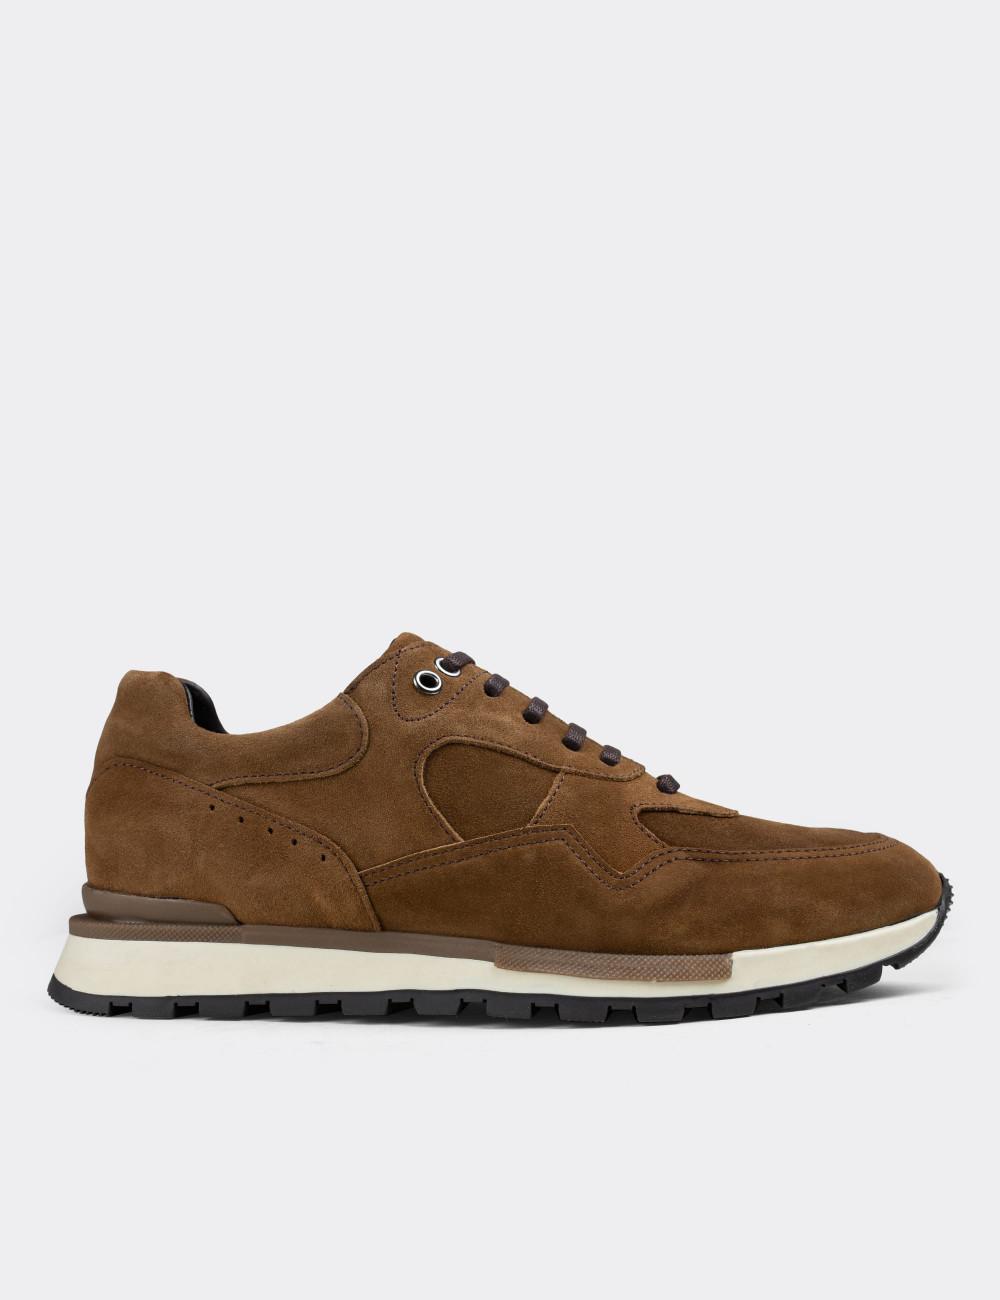 Hakiki Süet Taba Rengi Sneaker Erkek Ayakkabı - 01818MTBAT02